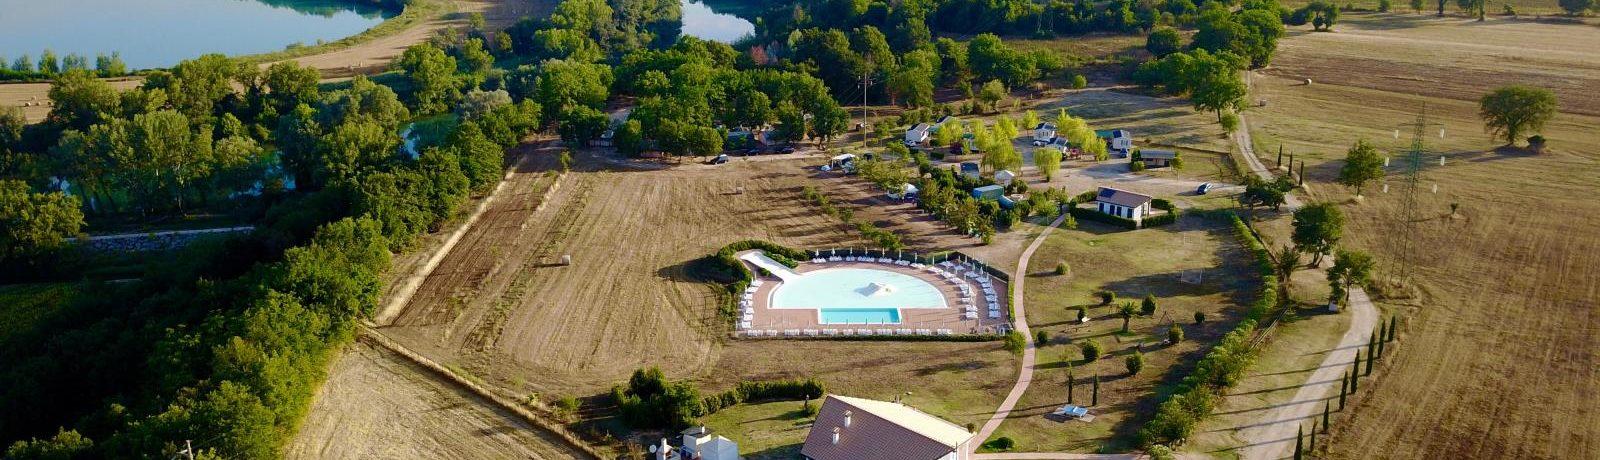 Capitello camping is een kleine camping in Italië met zwembad en glijbaan. De camping ligt in een bebost gebied bij de rivier de Tiber in Umbrië.